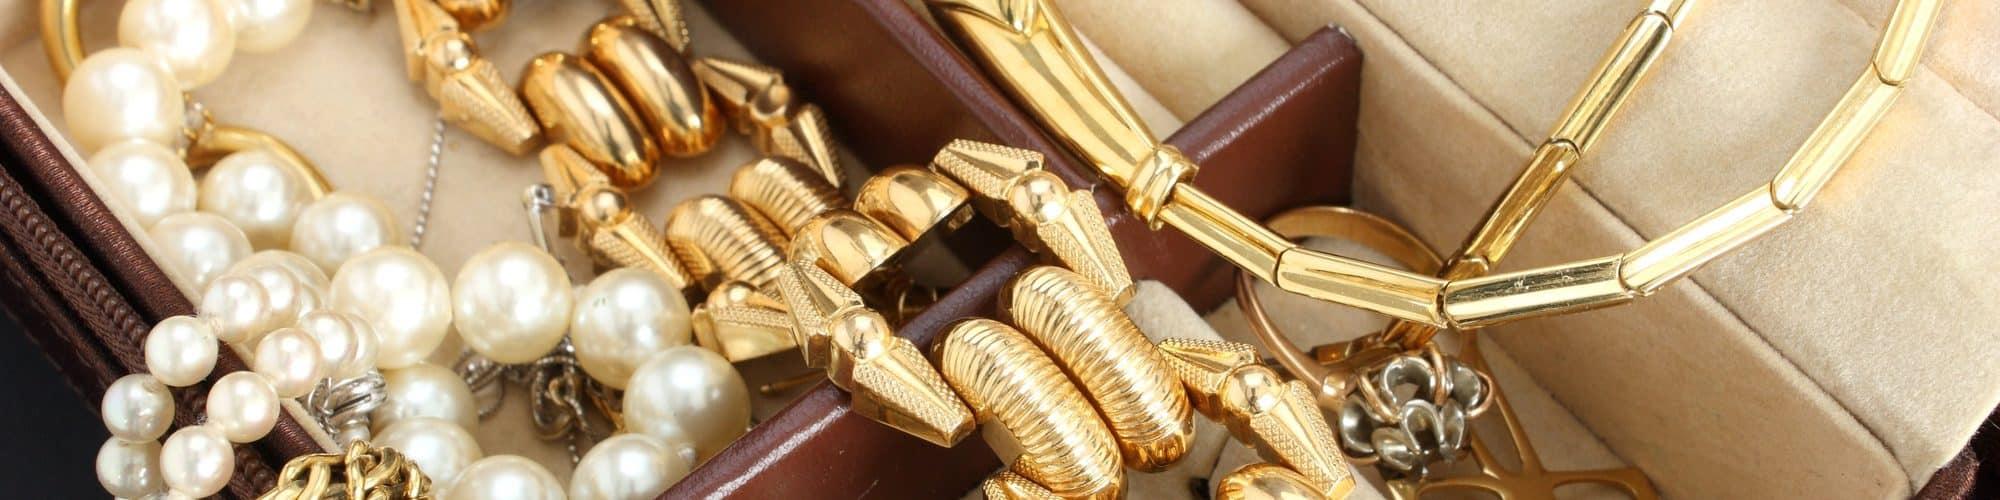 Как почистить золото в домашних условиях: содой, перекисью, нашатырным спиртом и т.д.